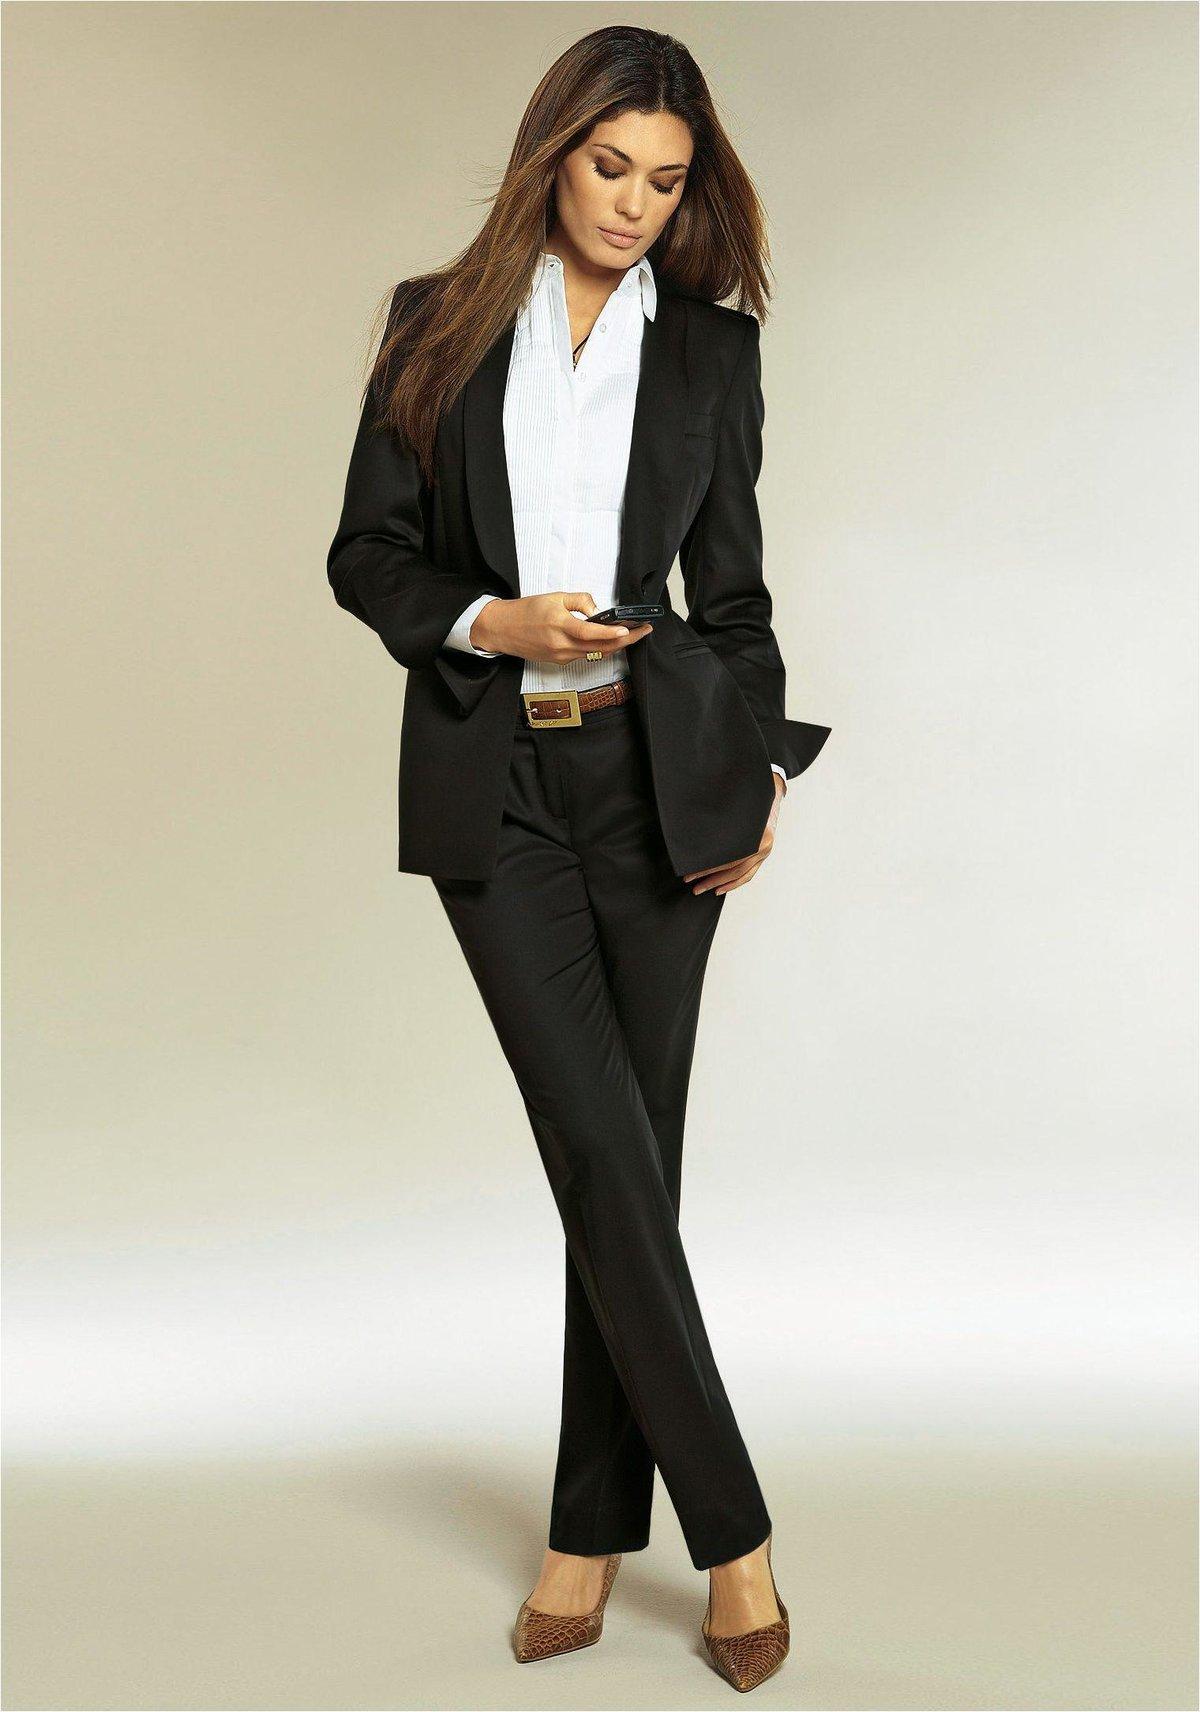 бизнес леди в полный рост фото гадость доме нужна